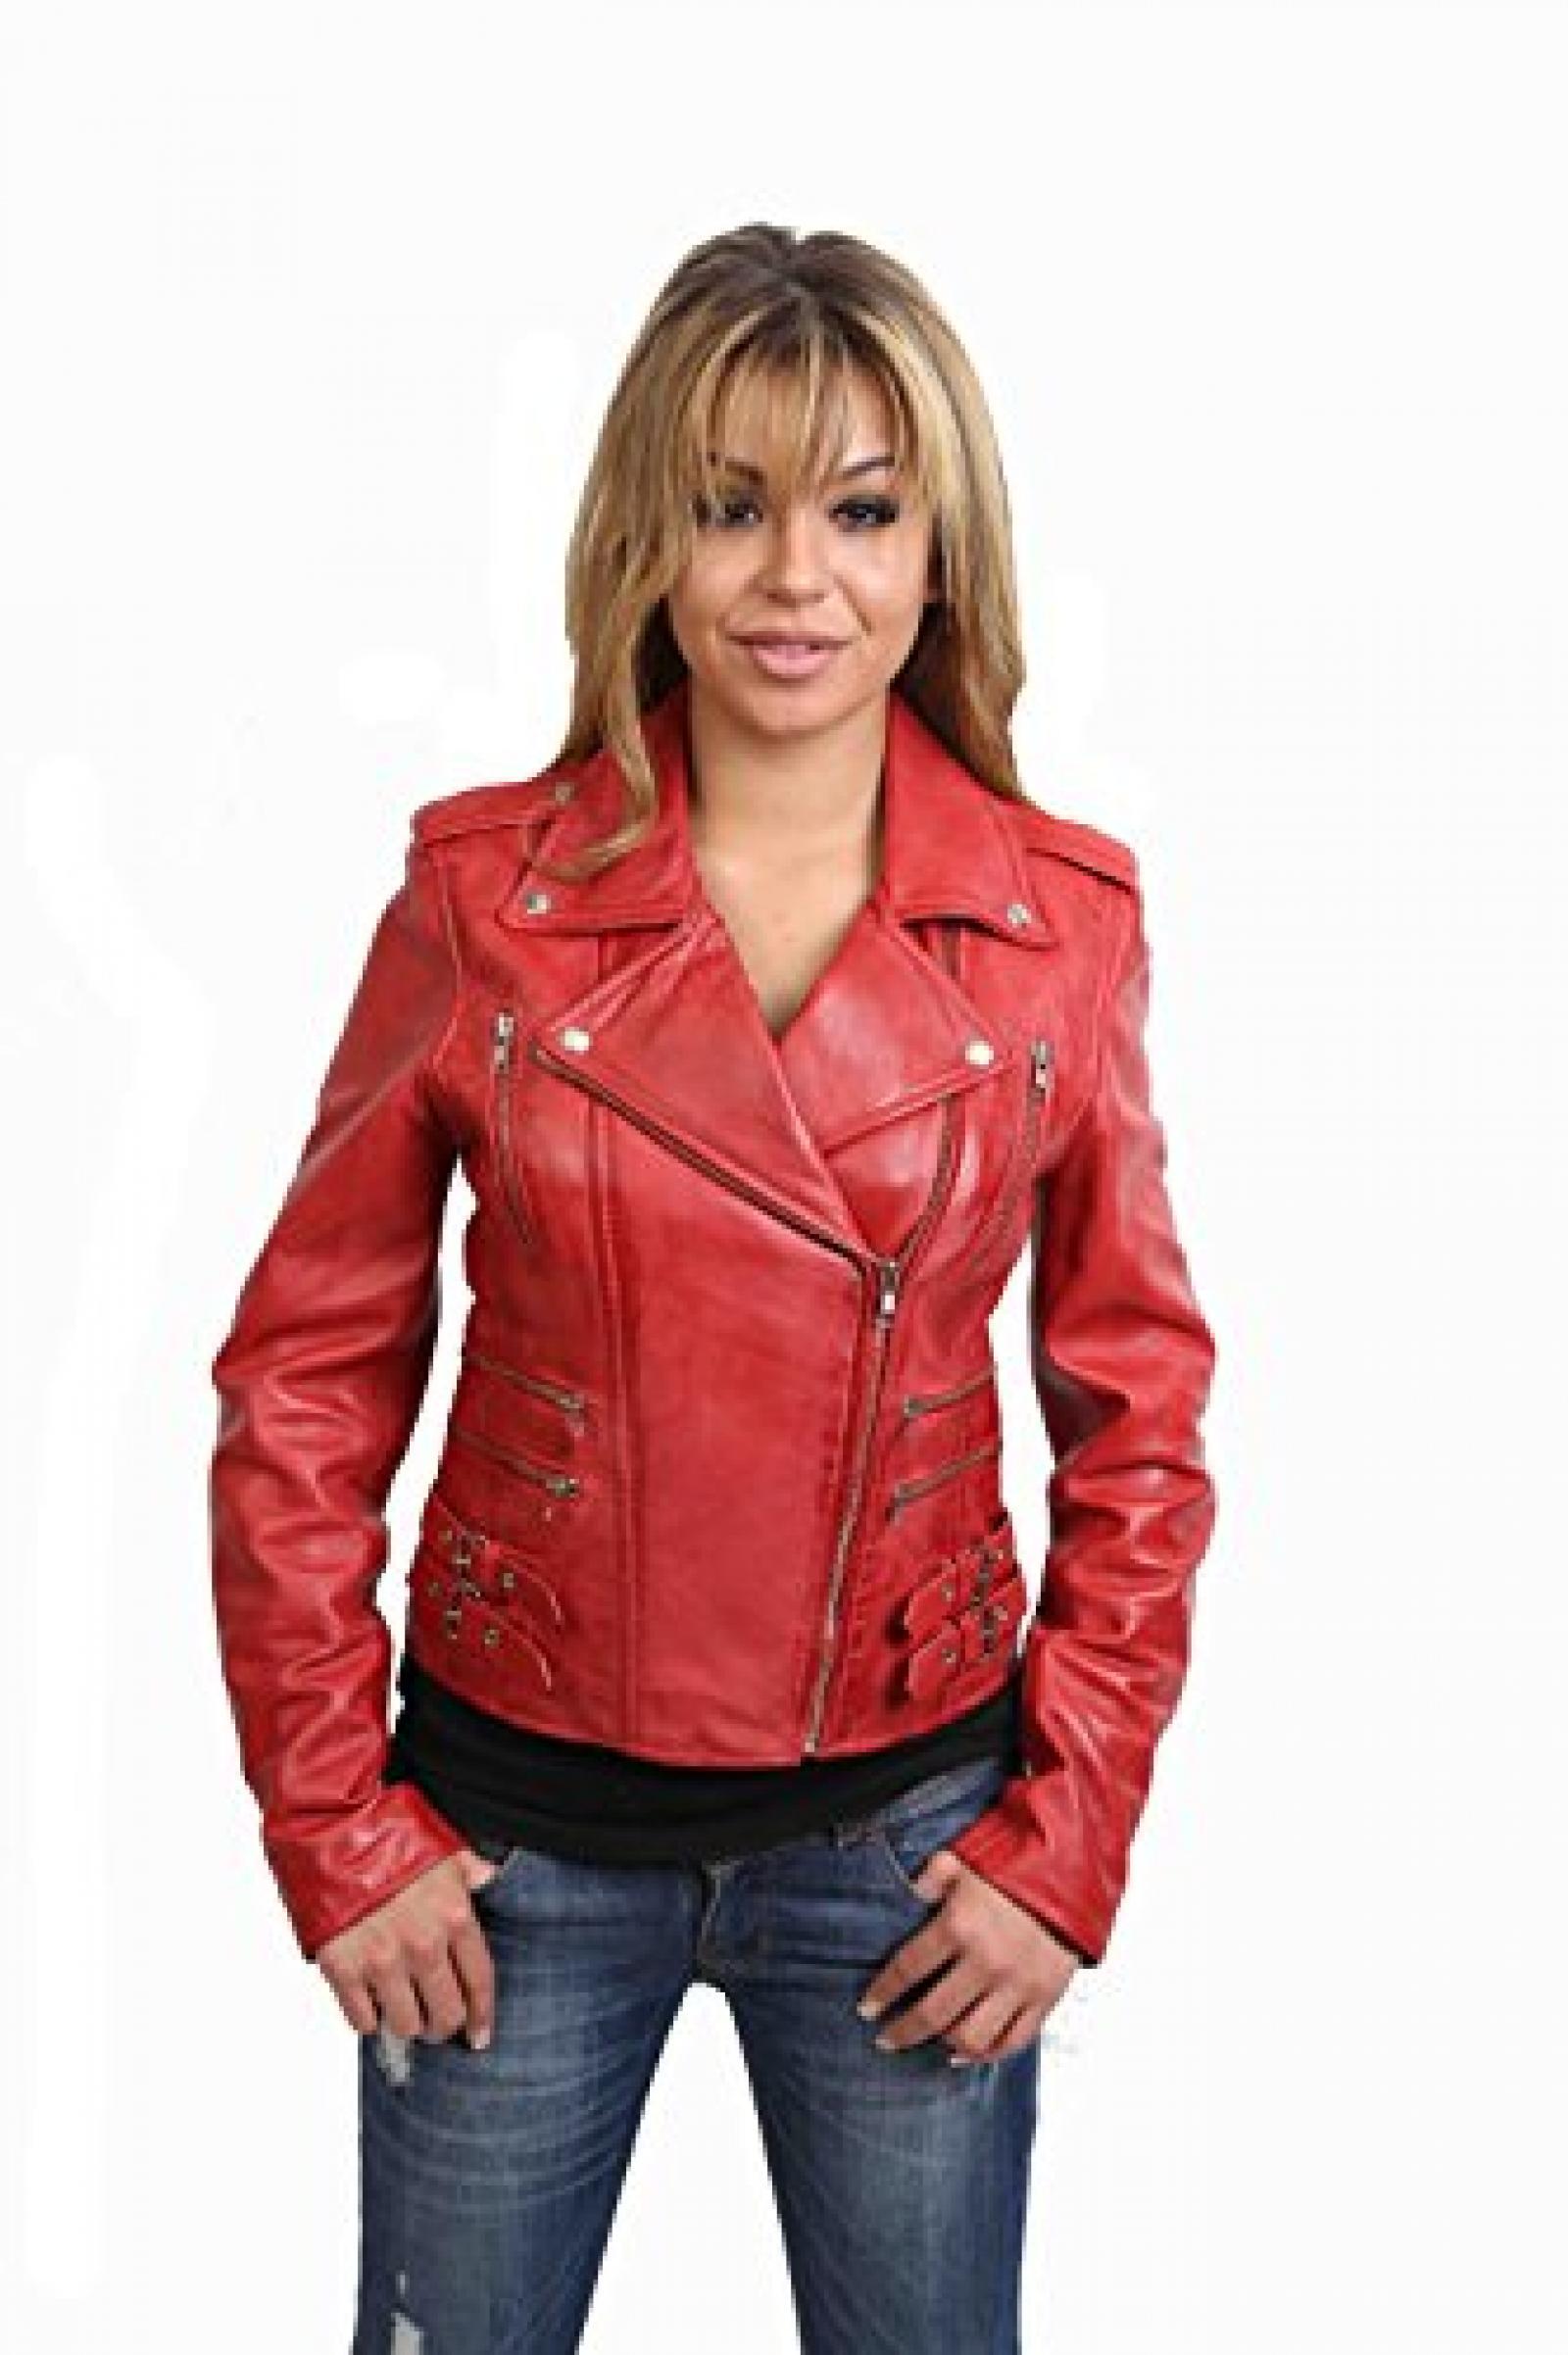 Damen Lederjacke neuste Mode-Stil 7113 Rot